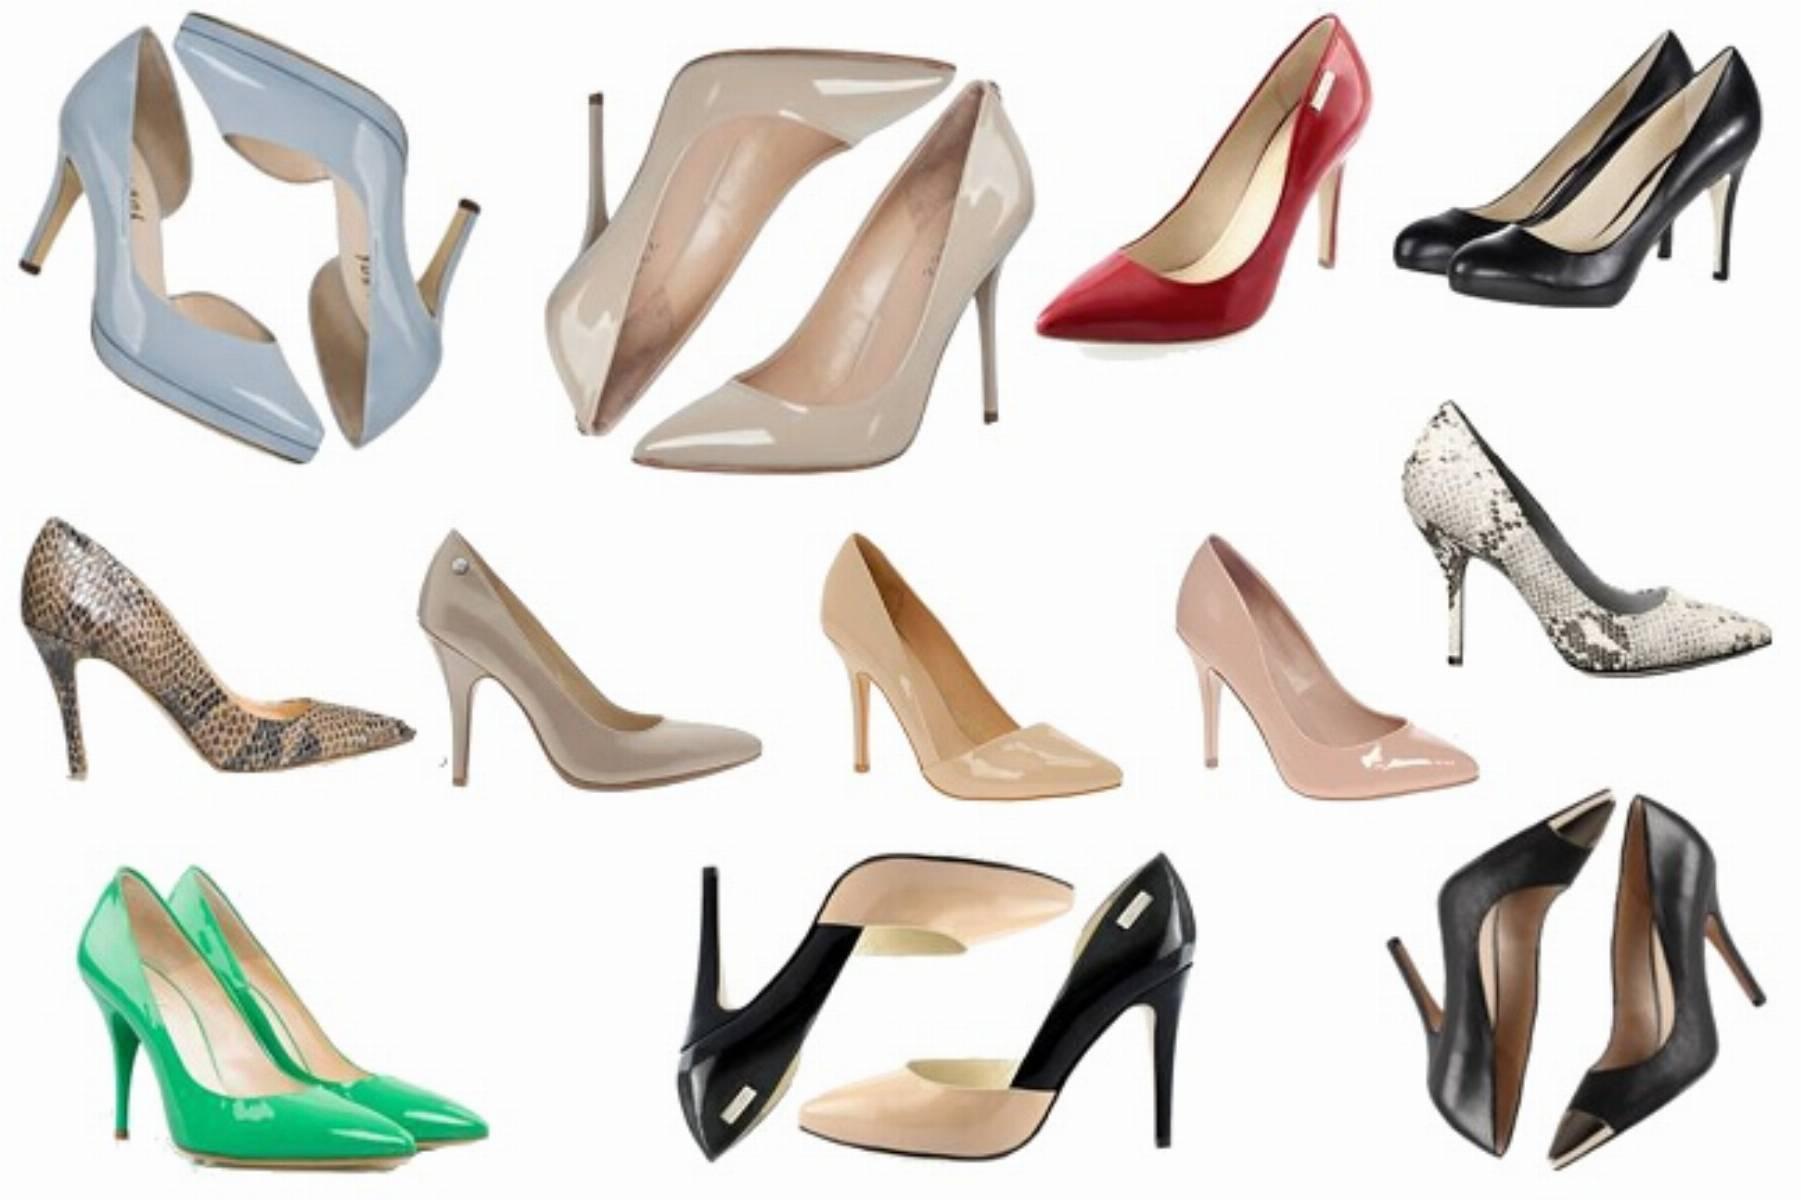 Wydluzenie nog - buty